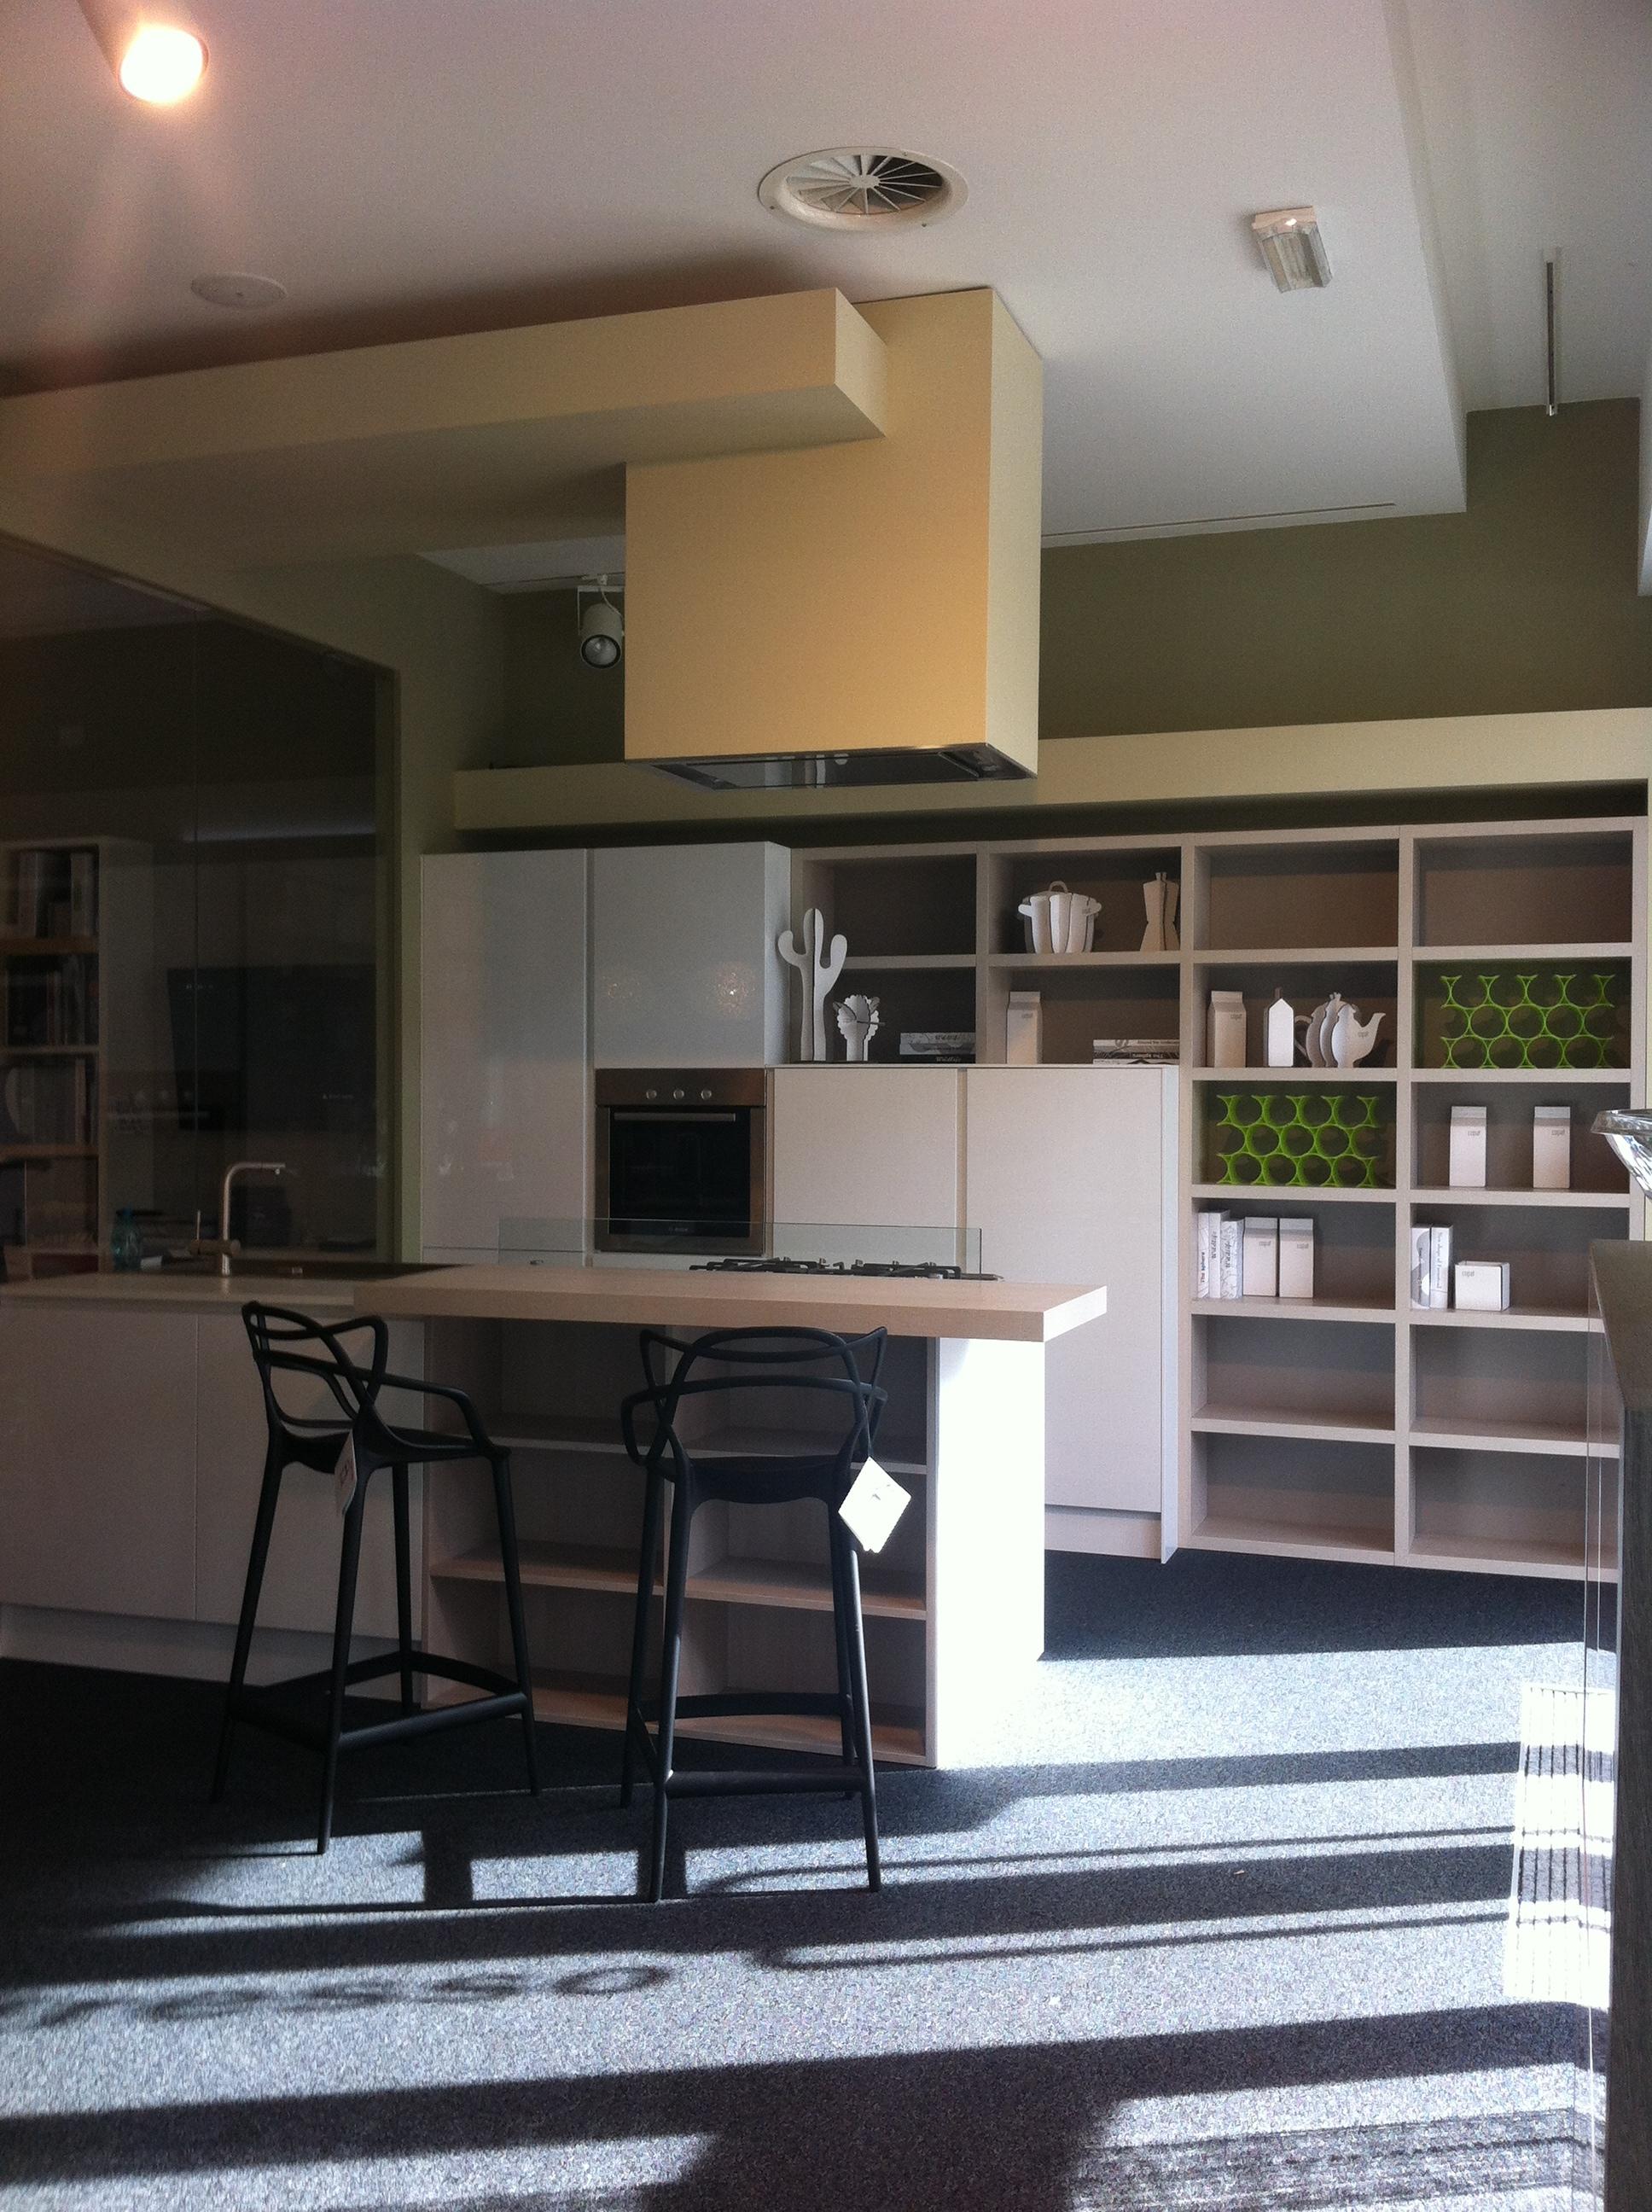 Cucina con penisola e zona libreria cucine a prezzi scontati - Cucine a penisola ...